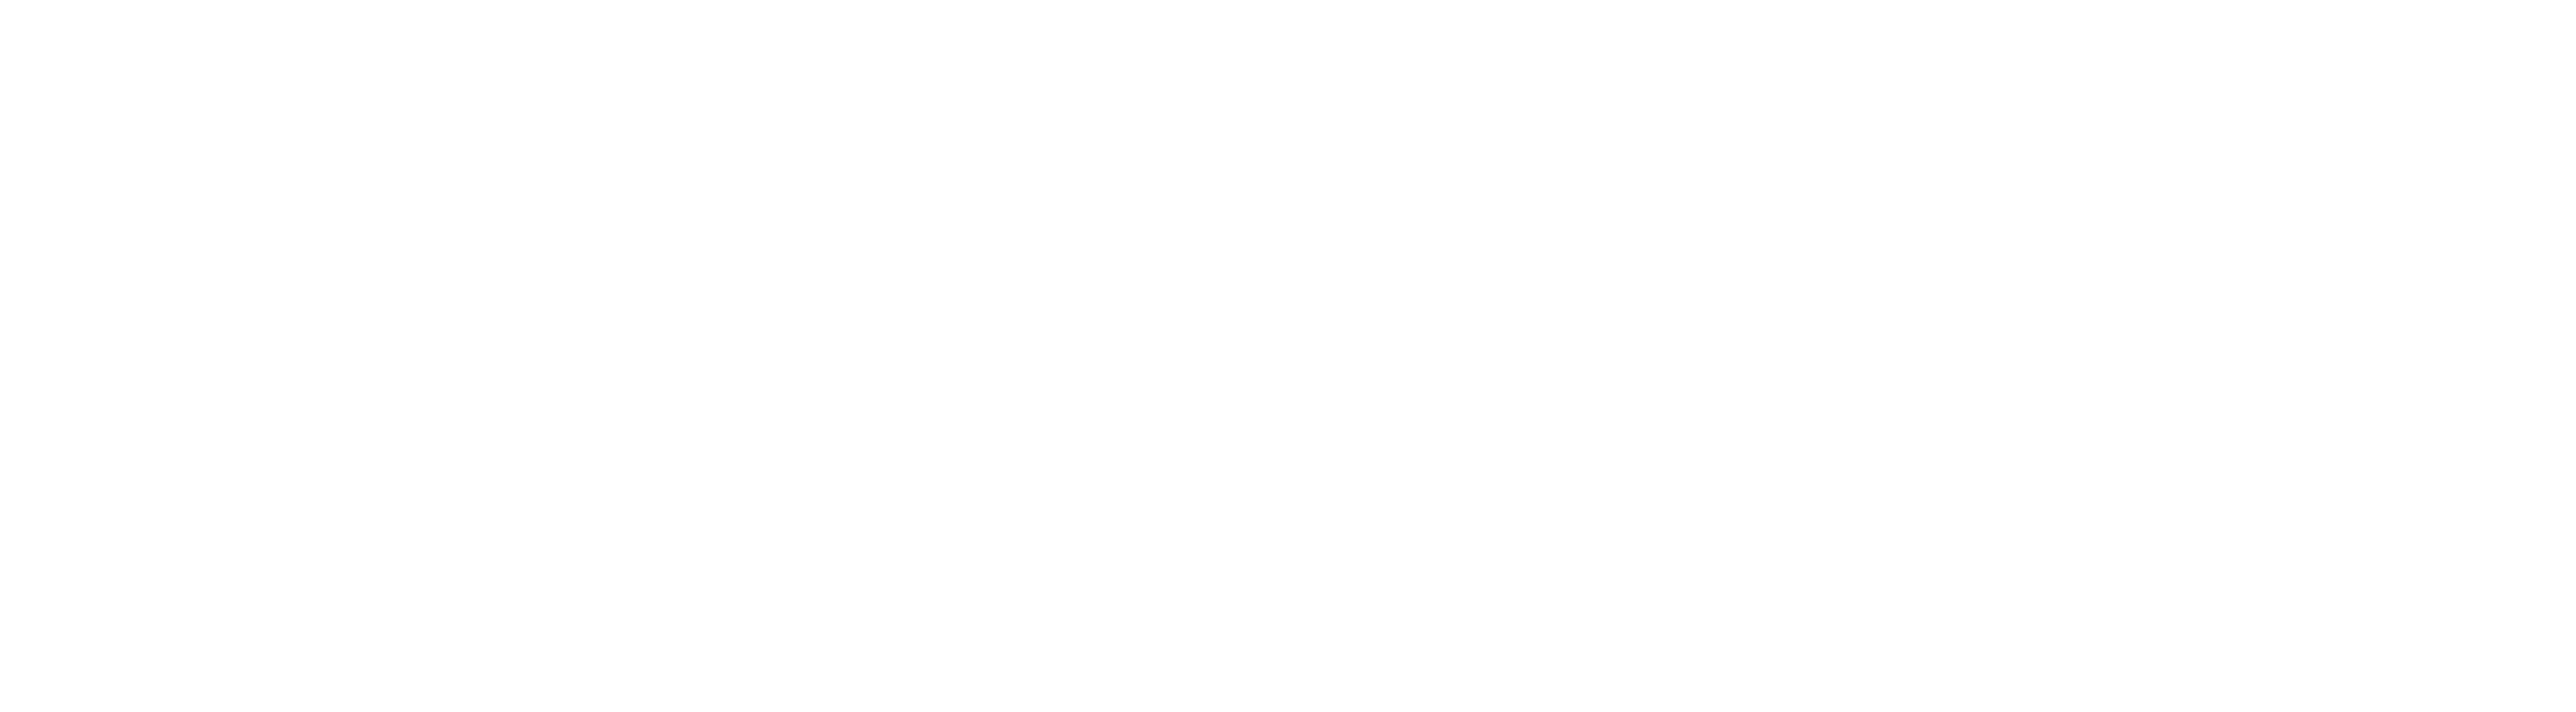 HSBC S1